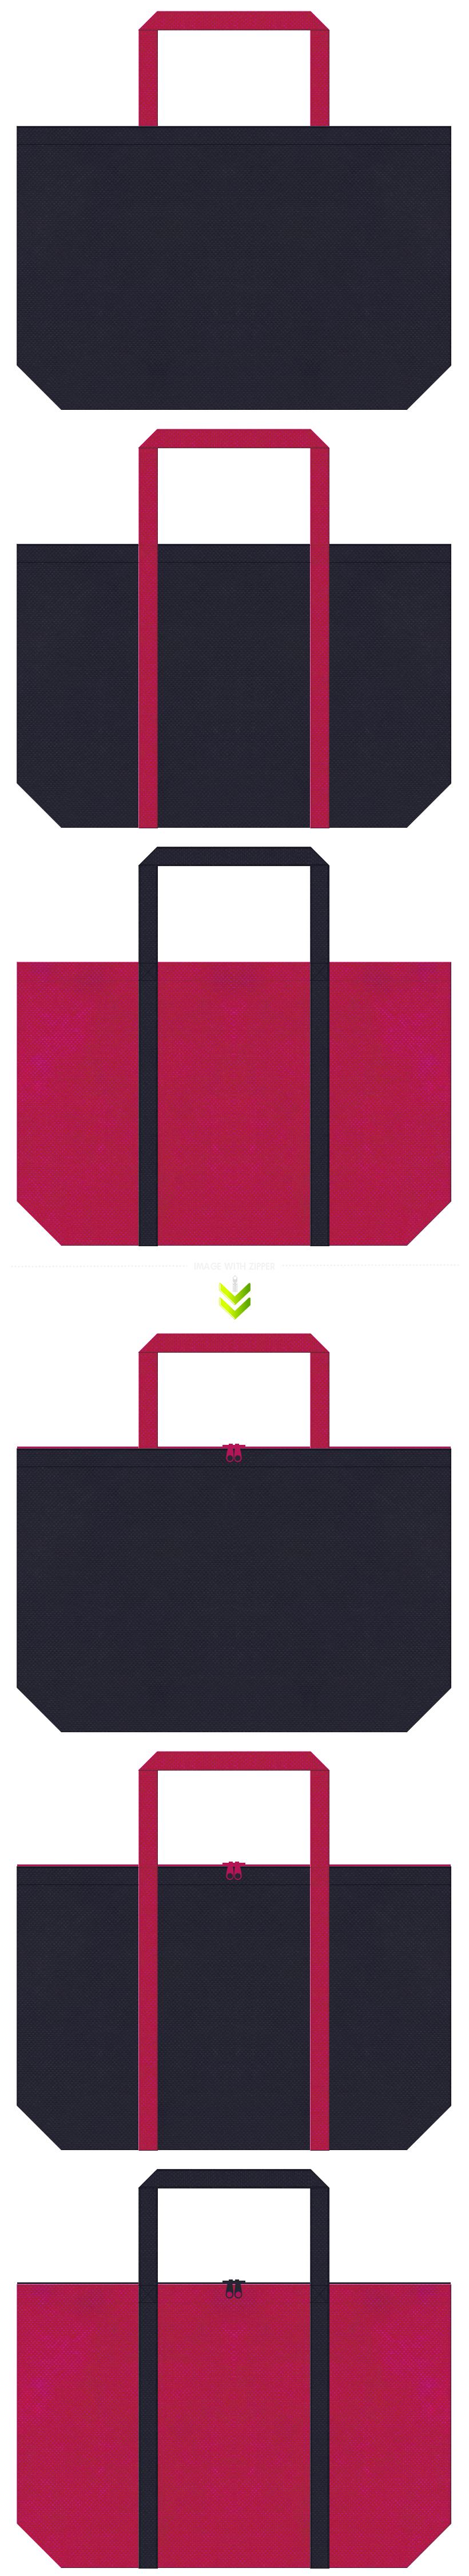 アリーナ・ユニフォーム・シューズ・スポーツイベント・スポーティーファッション・スポーツ用品のショッピングバッグにお奨めの不織布バッグデザイン:濃紺色と濃いピンク色のコーデ